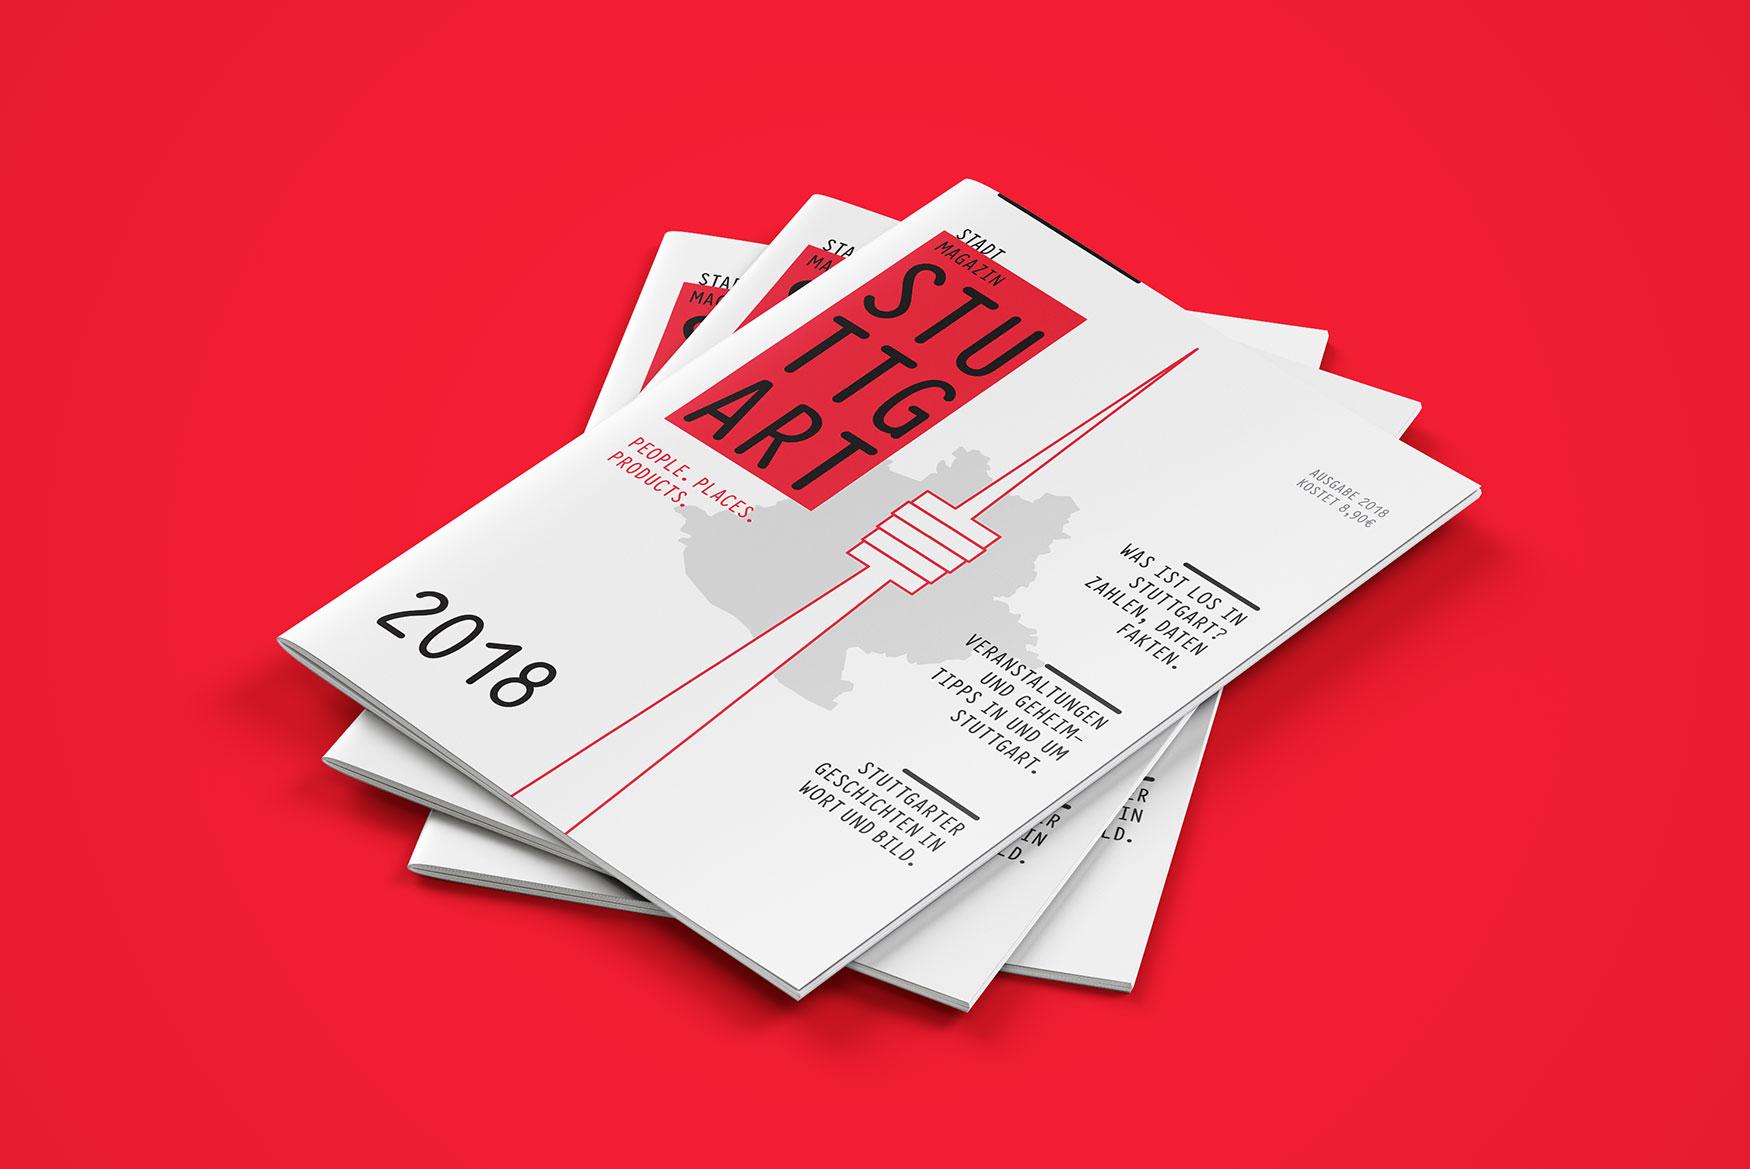 Editorial-Design-Broschuere-Stadtmagazin-1-Designagentur-Stuttgart-Kreativbetrieb